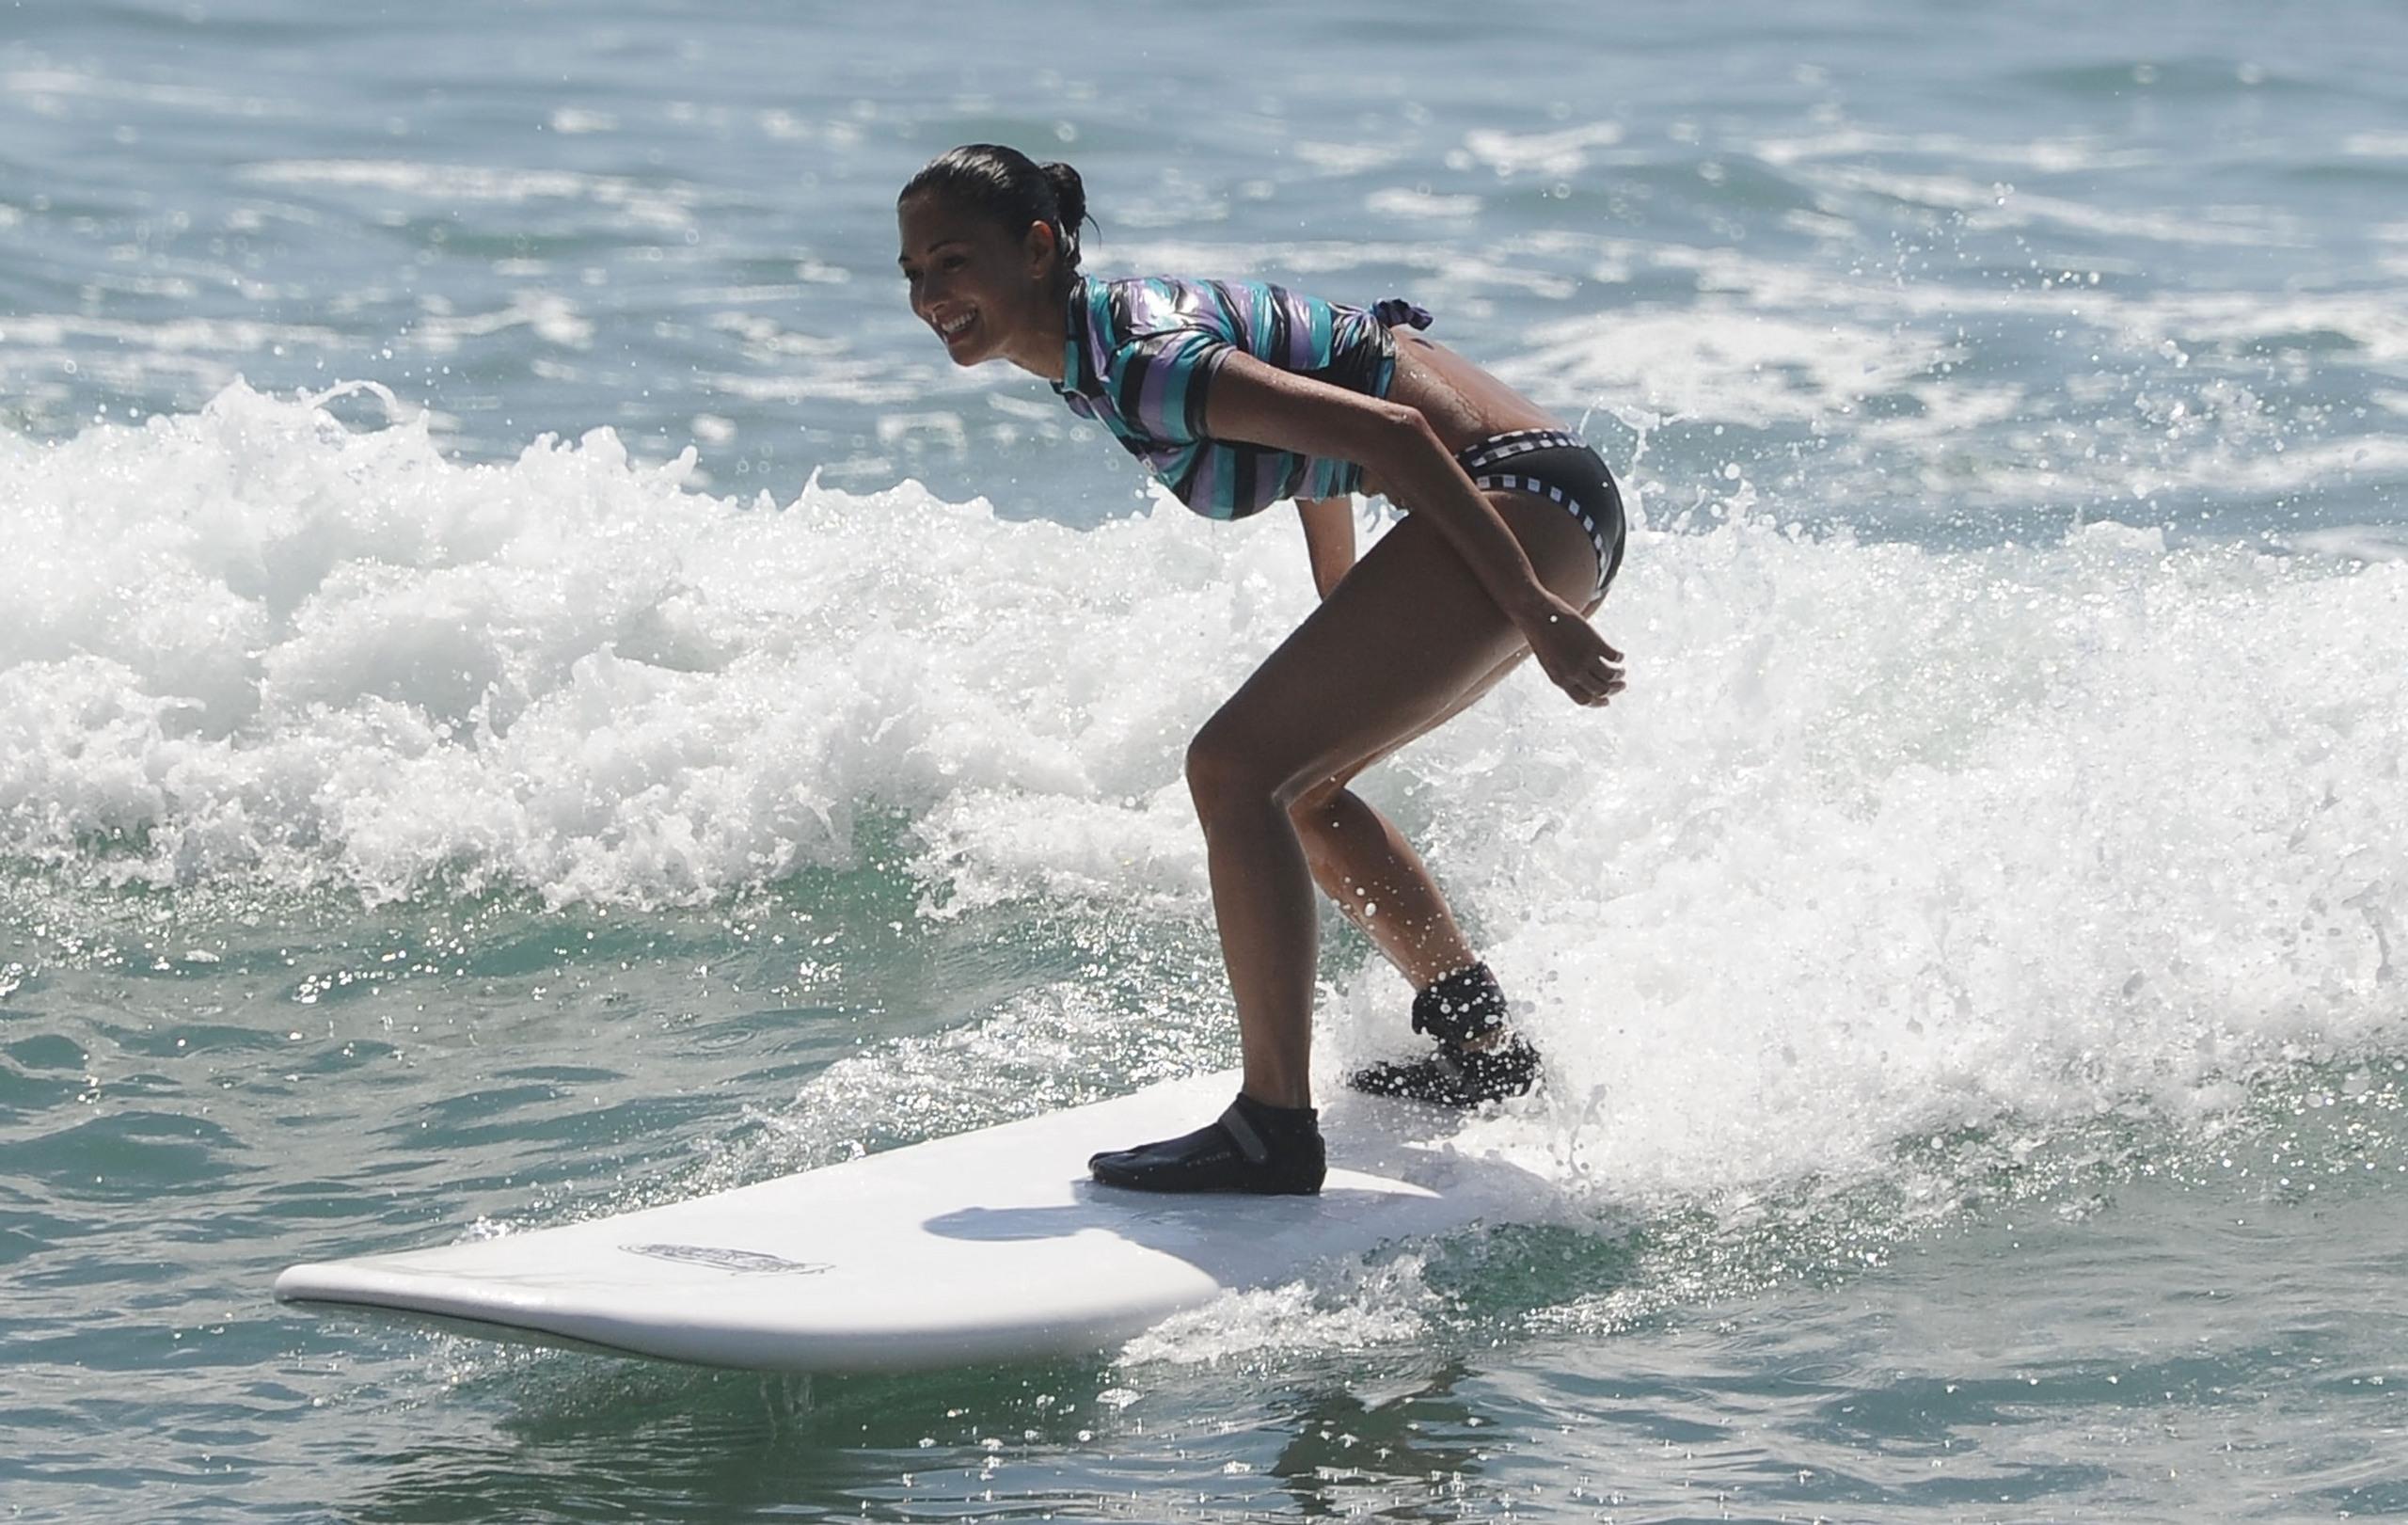 7 селебрити, которые занимаются серфингом